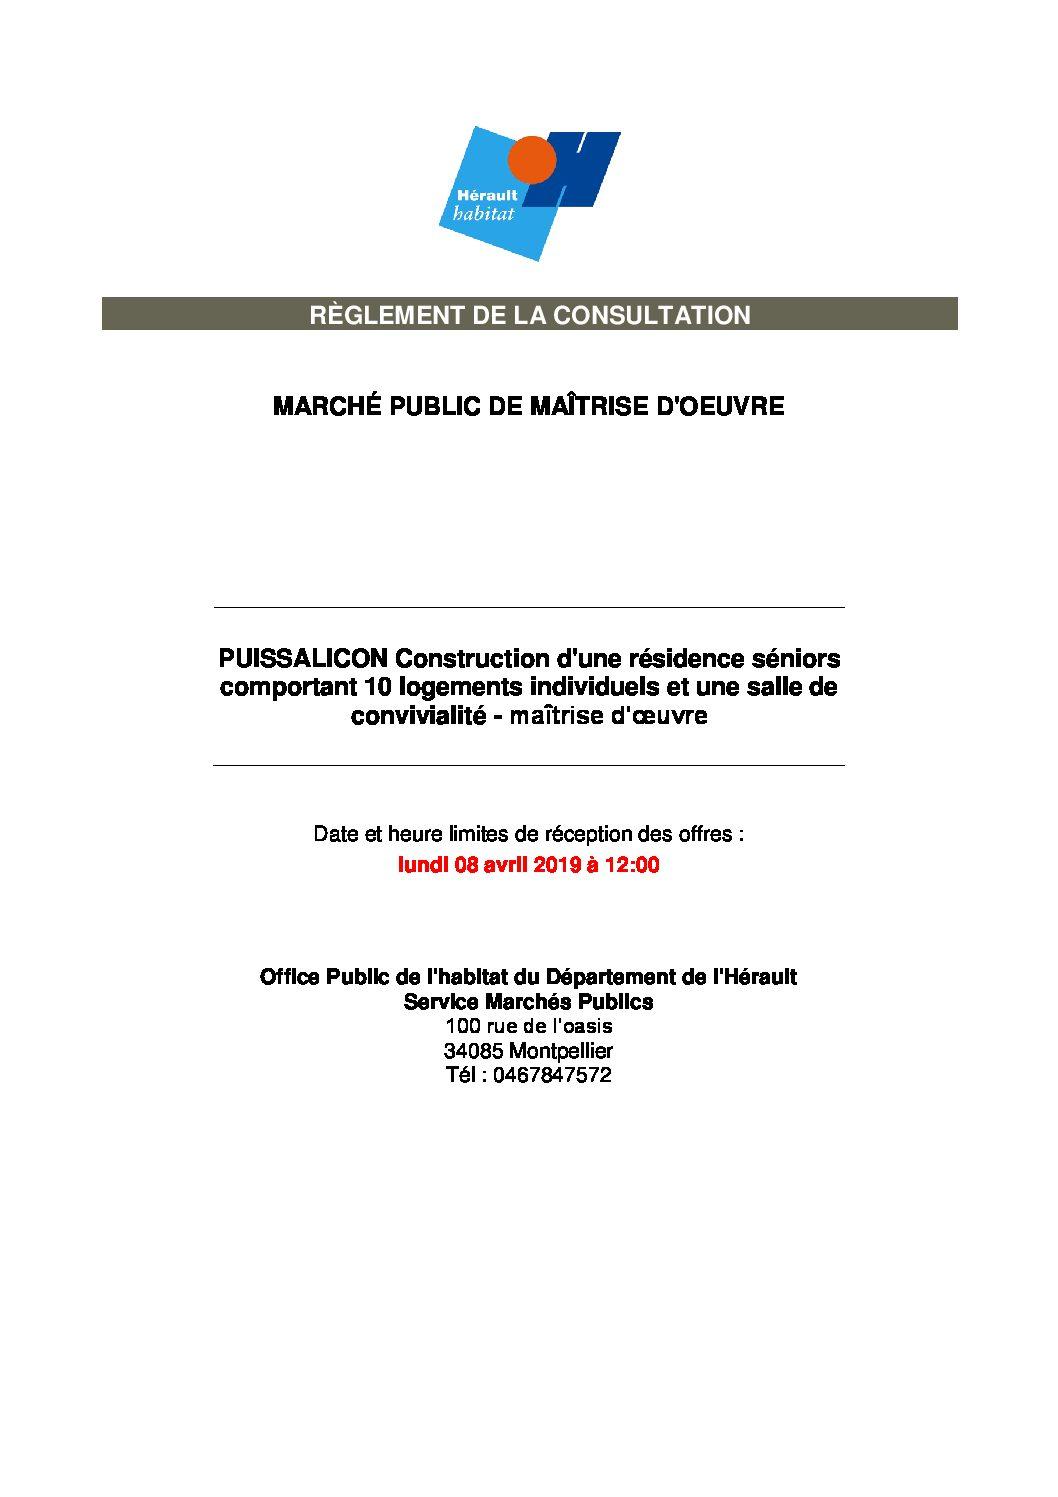 Marché public – Maîtrise d'oeuvre pour la construction d'une résidence seniors – Hérault Habitat